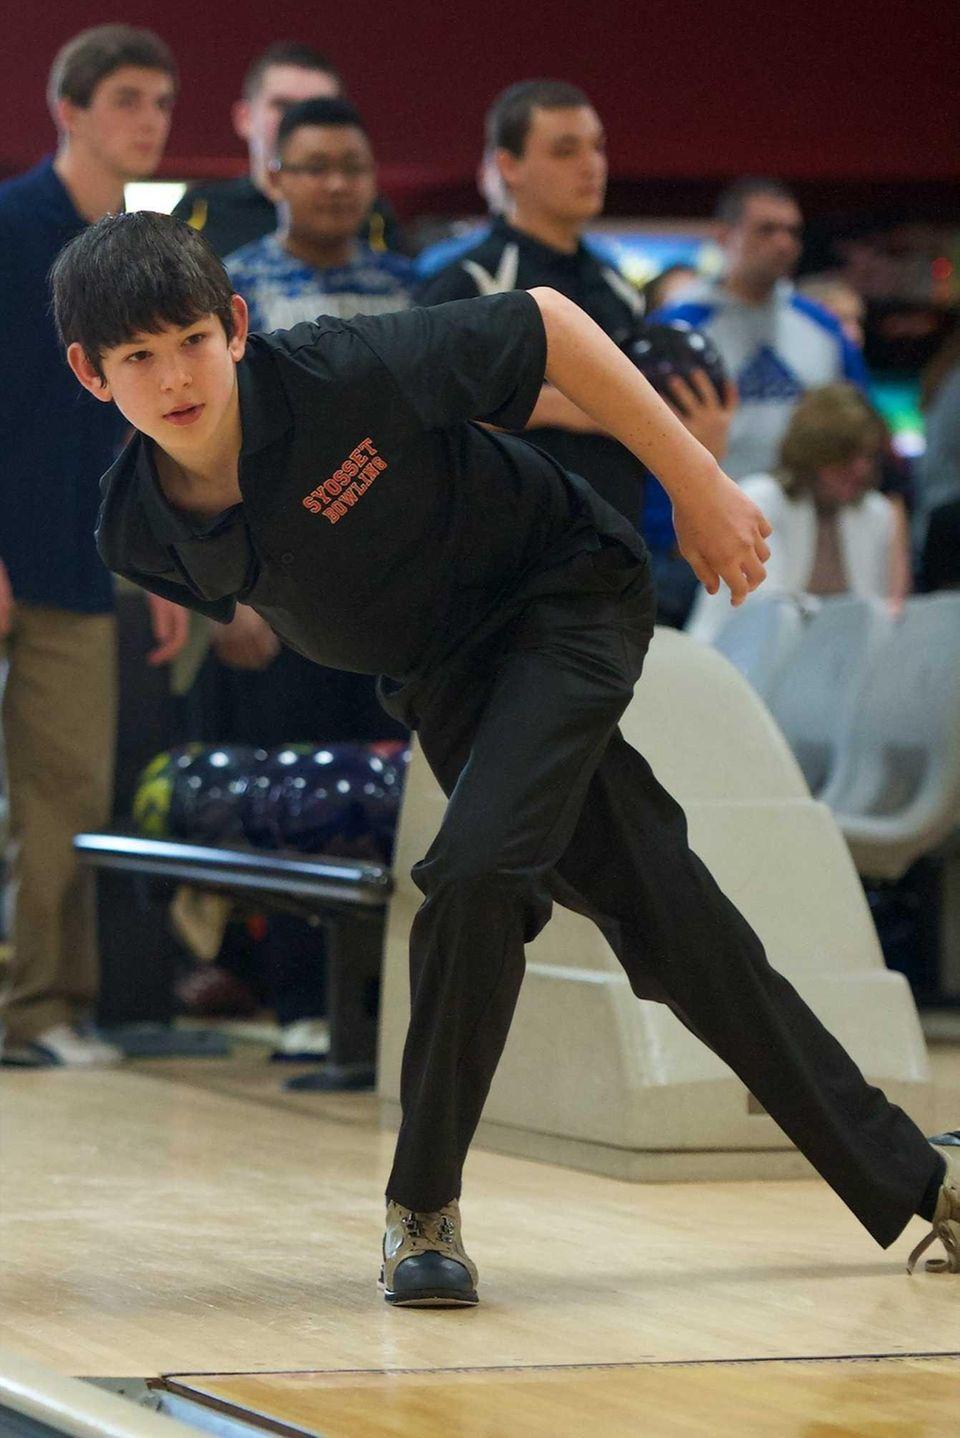 Syosset's Ryan Graham bowls at Garden City Lanes